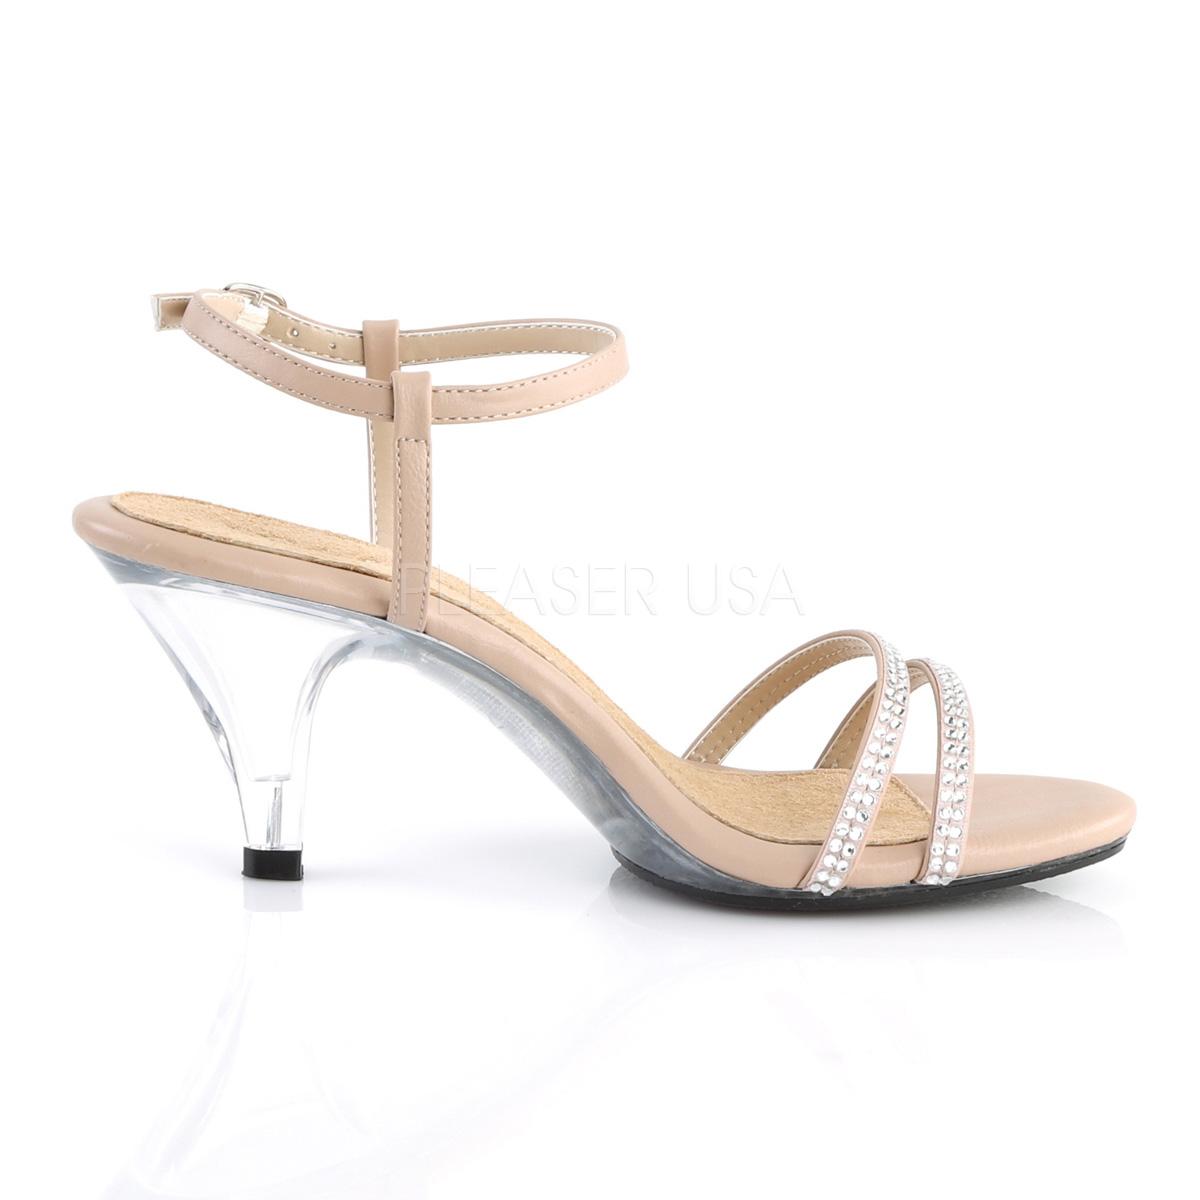 strass 8 316 hæler med BELLE for cm sko menn steiner høye beige DY9IW2EH